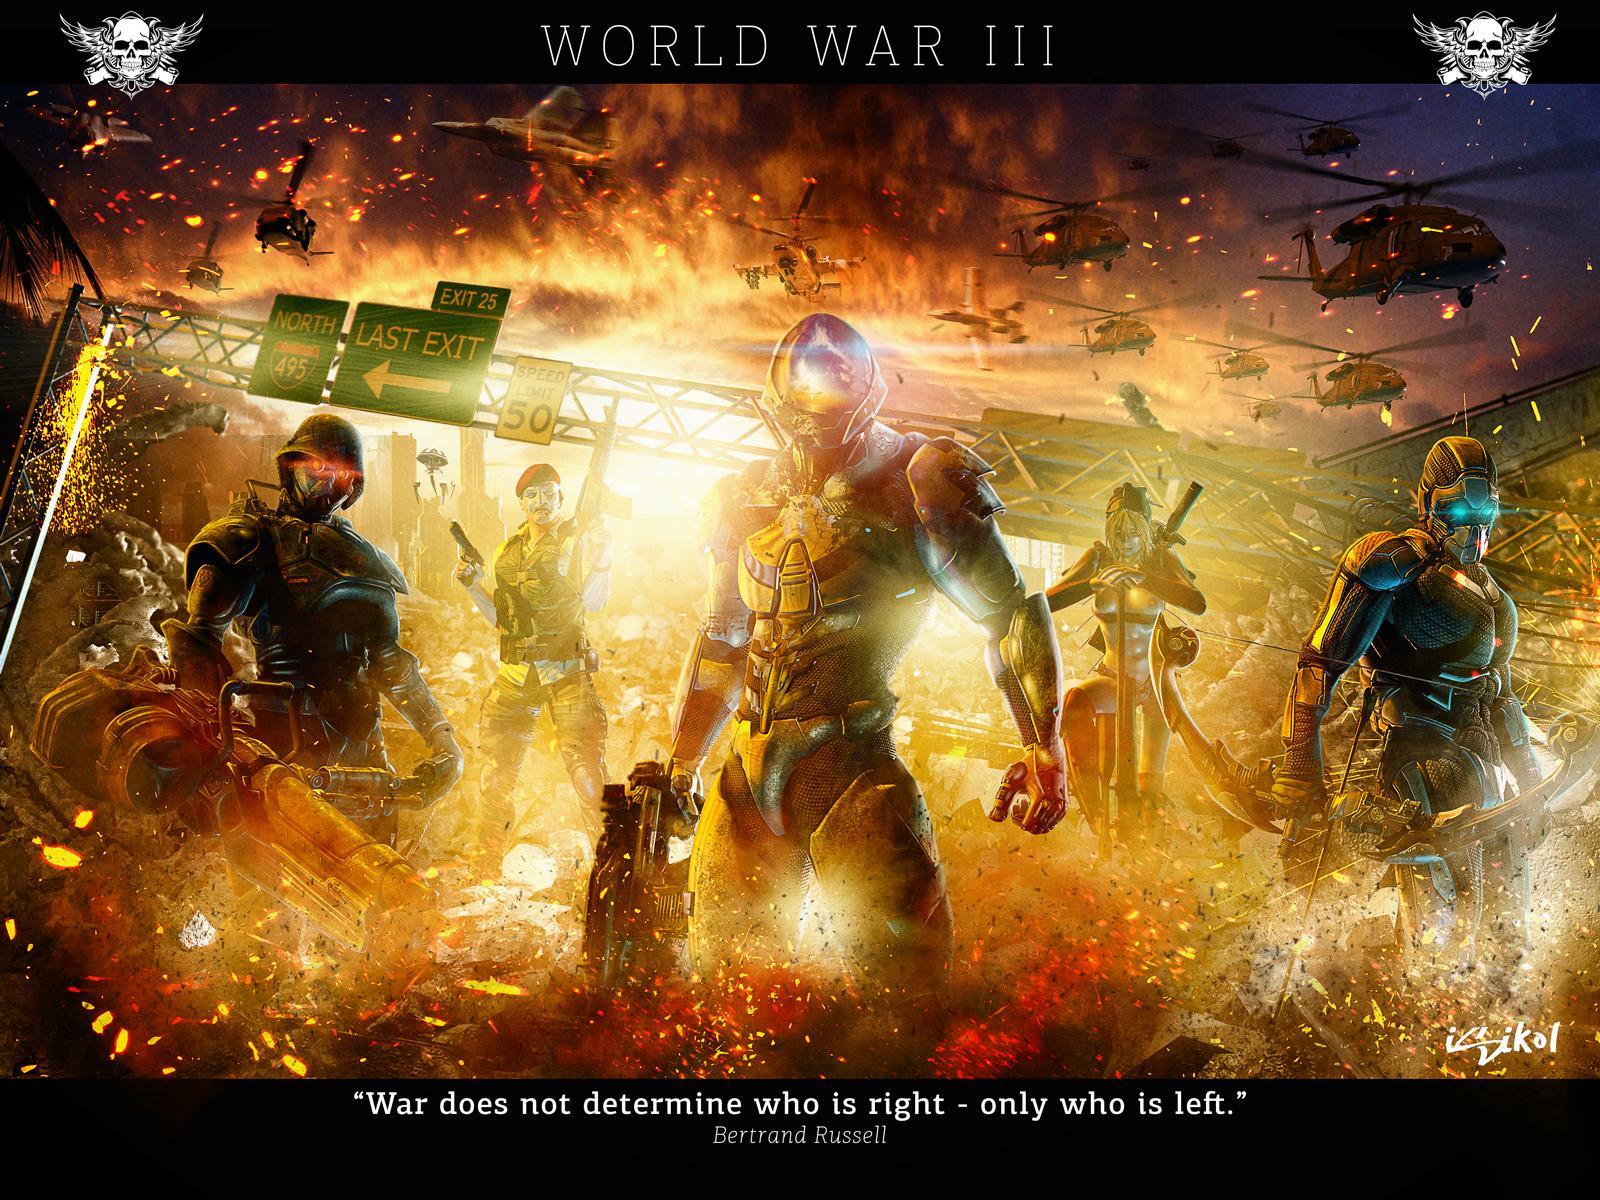 WORLD WAR III by ISIKOL